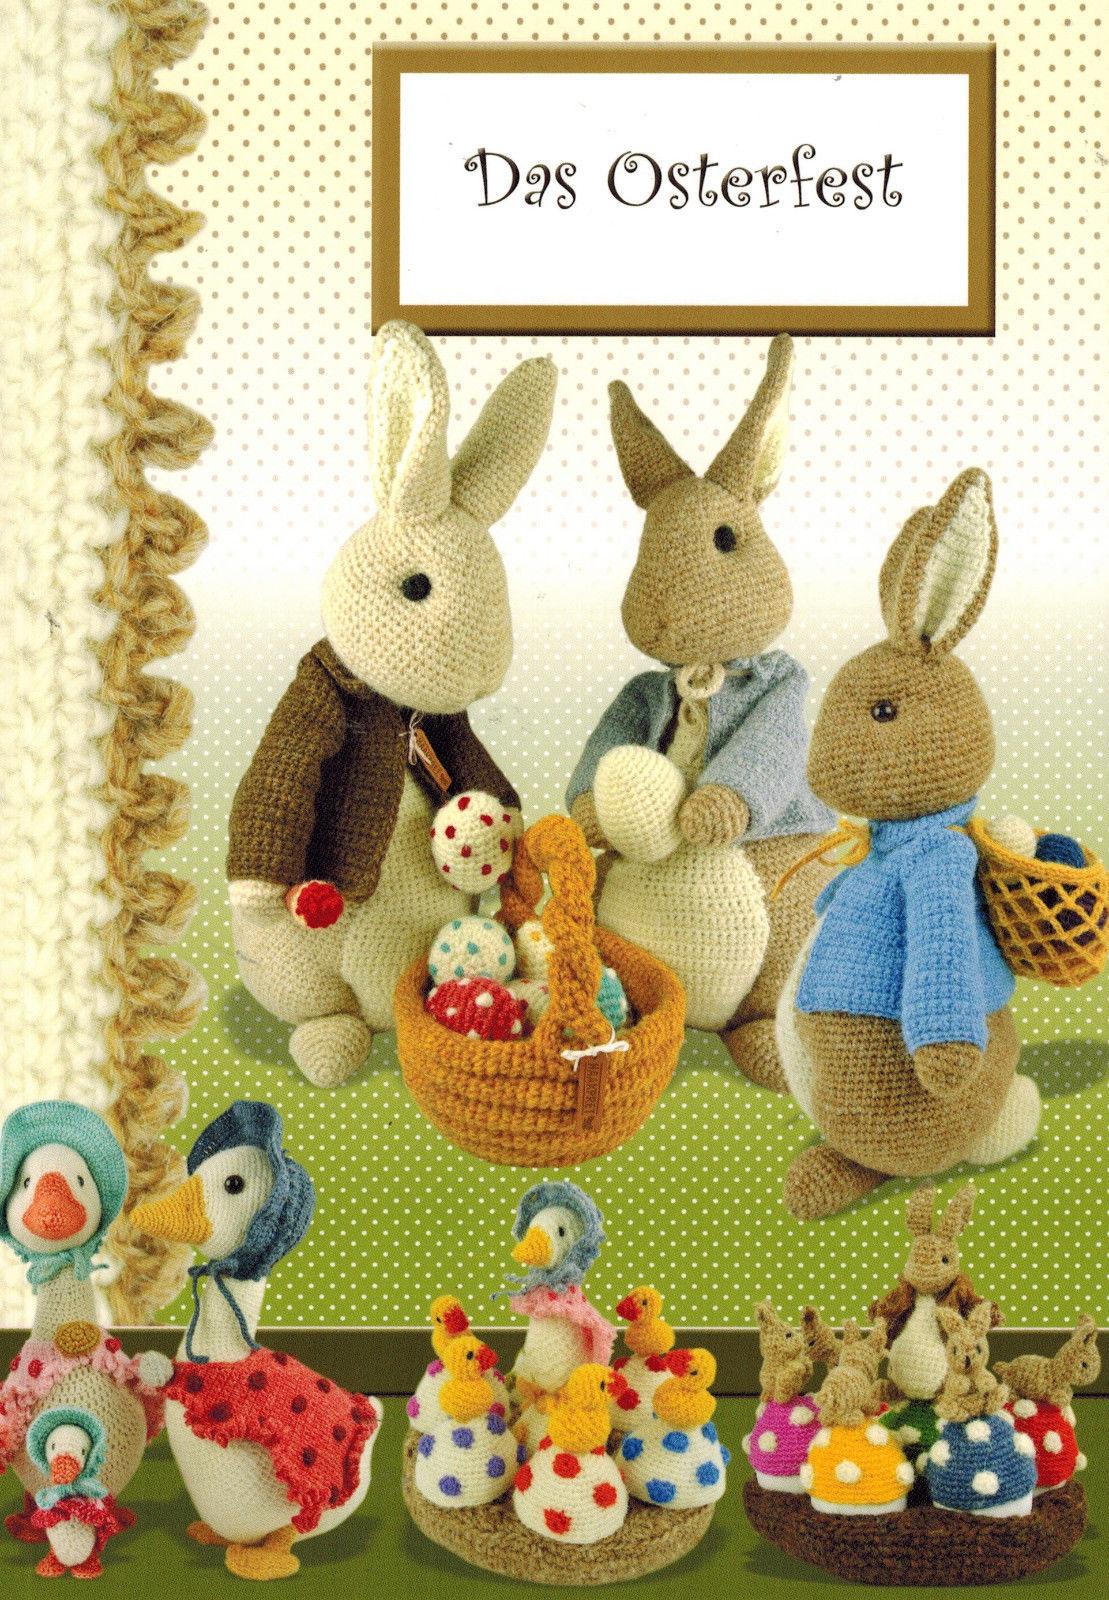 Das Osterfest Häkeln Amigurumi Häkeln Osterhase Hase Gans Eier